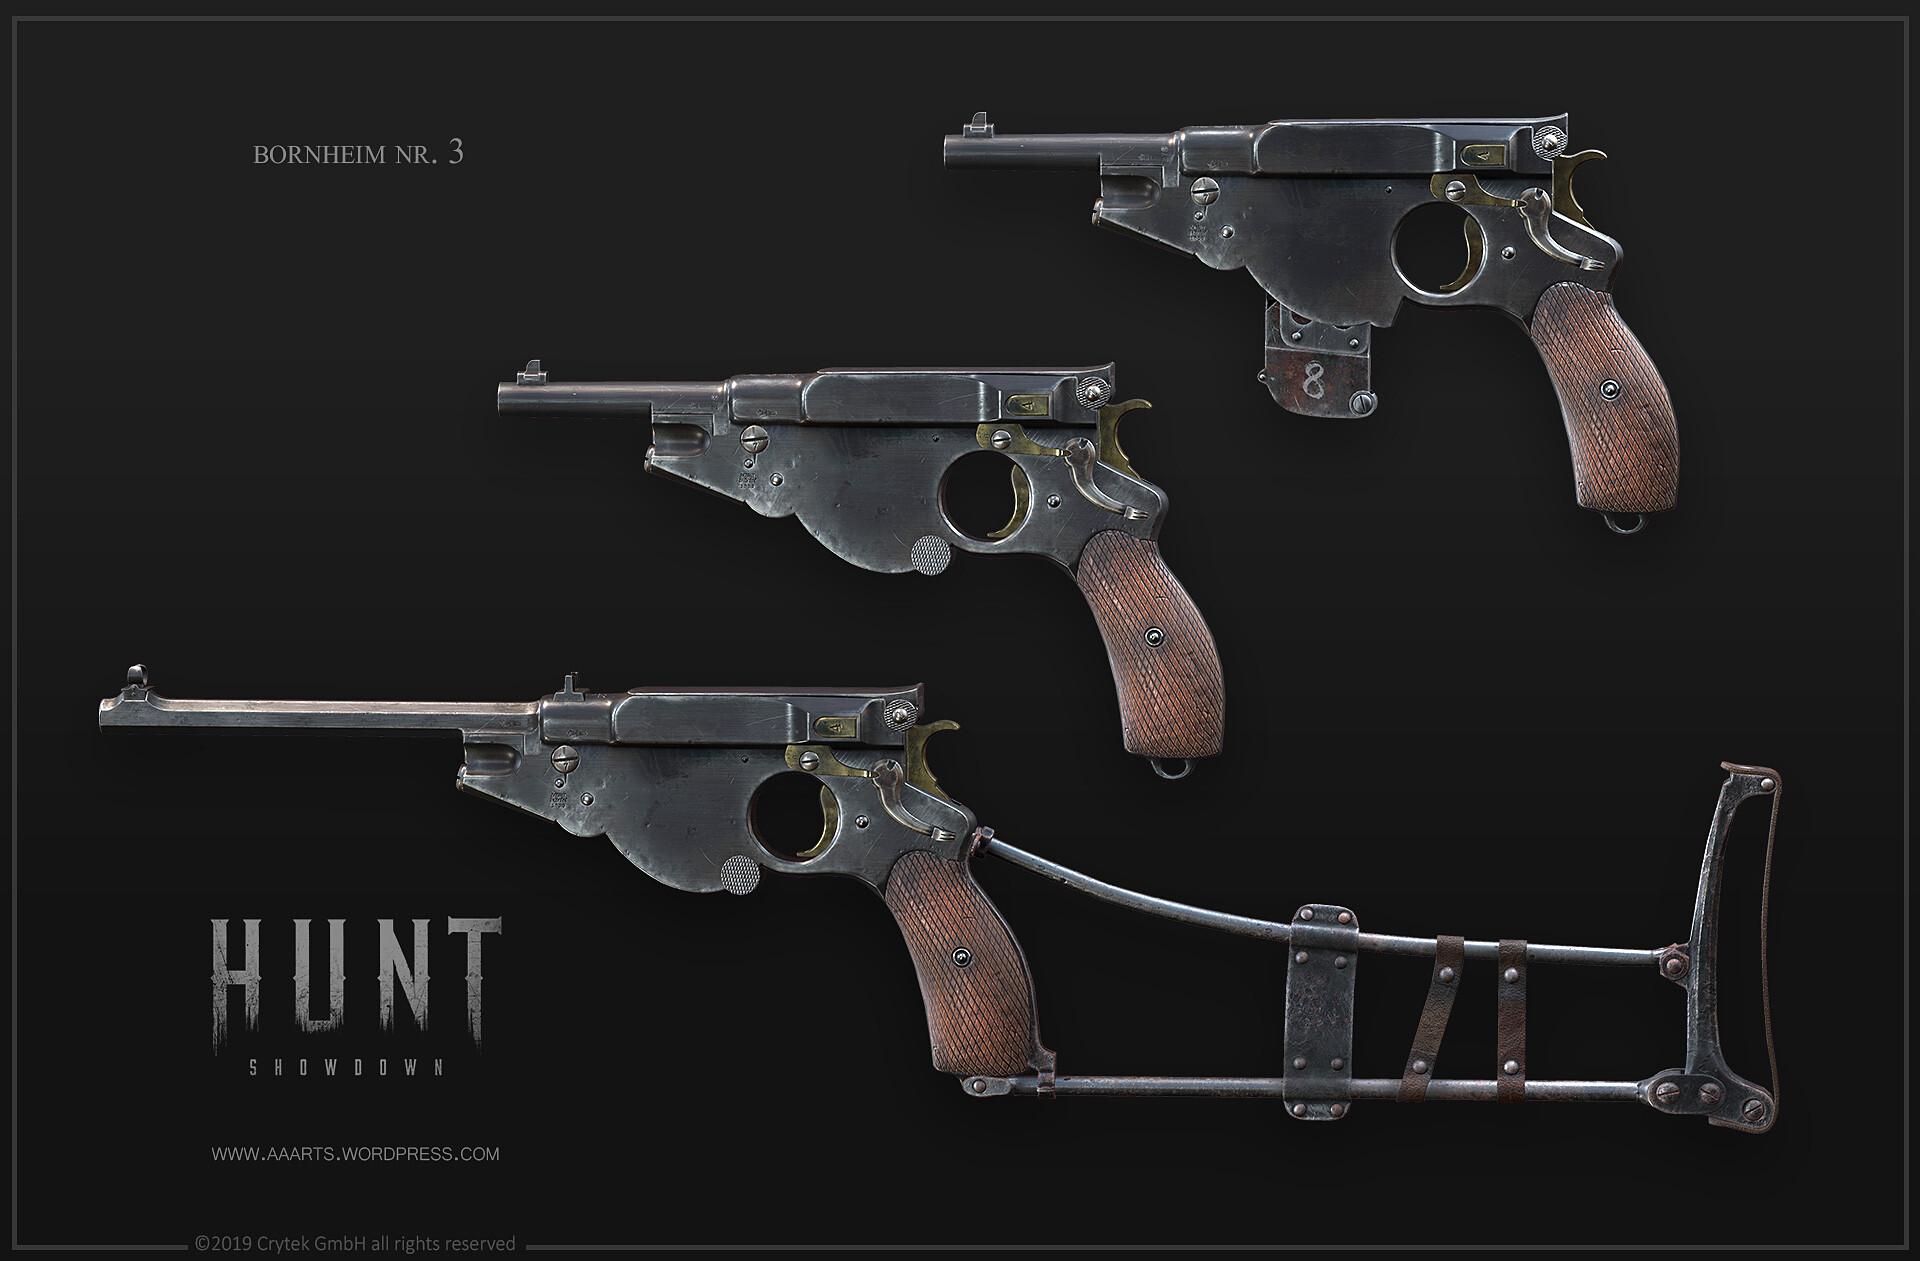 Семейство пистолетов Bornheim No. 3